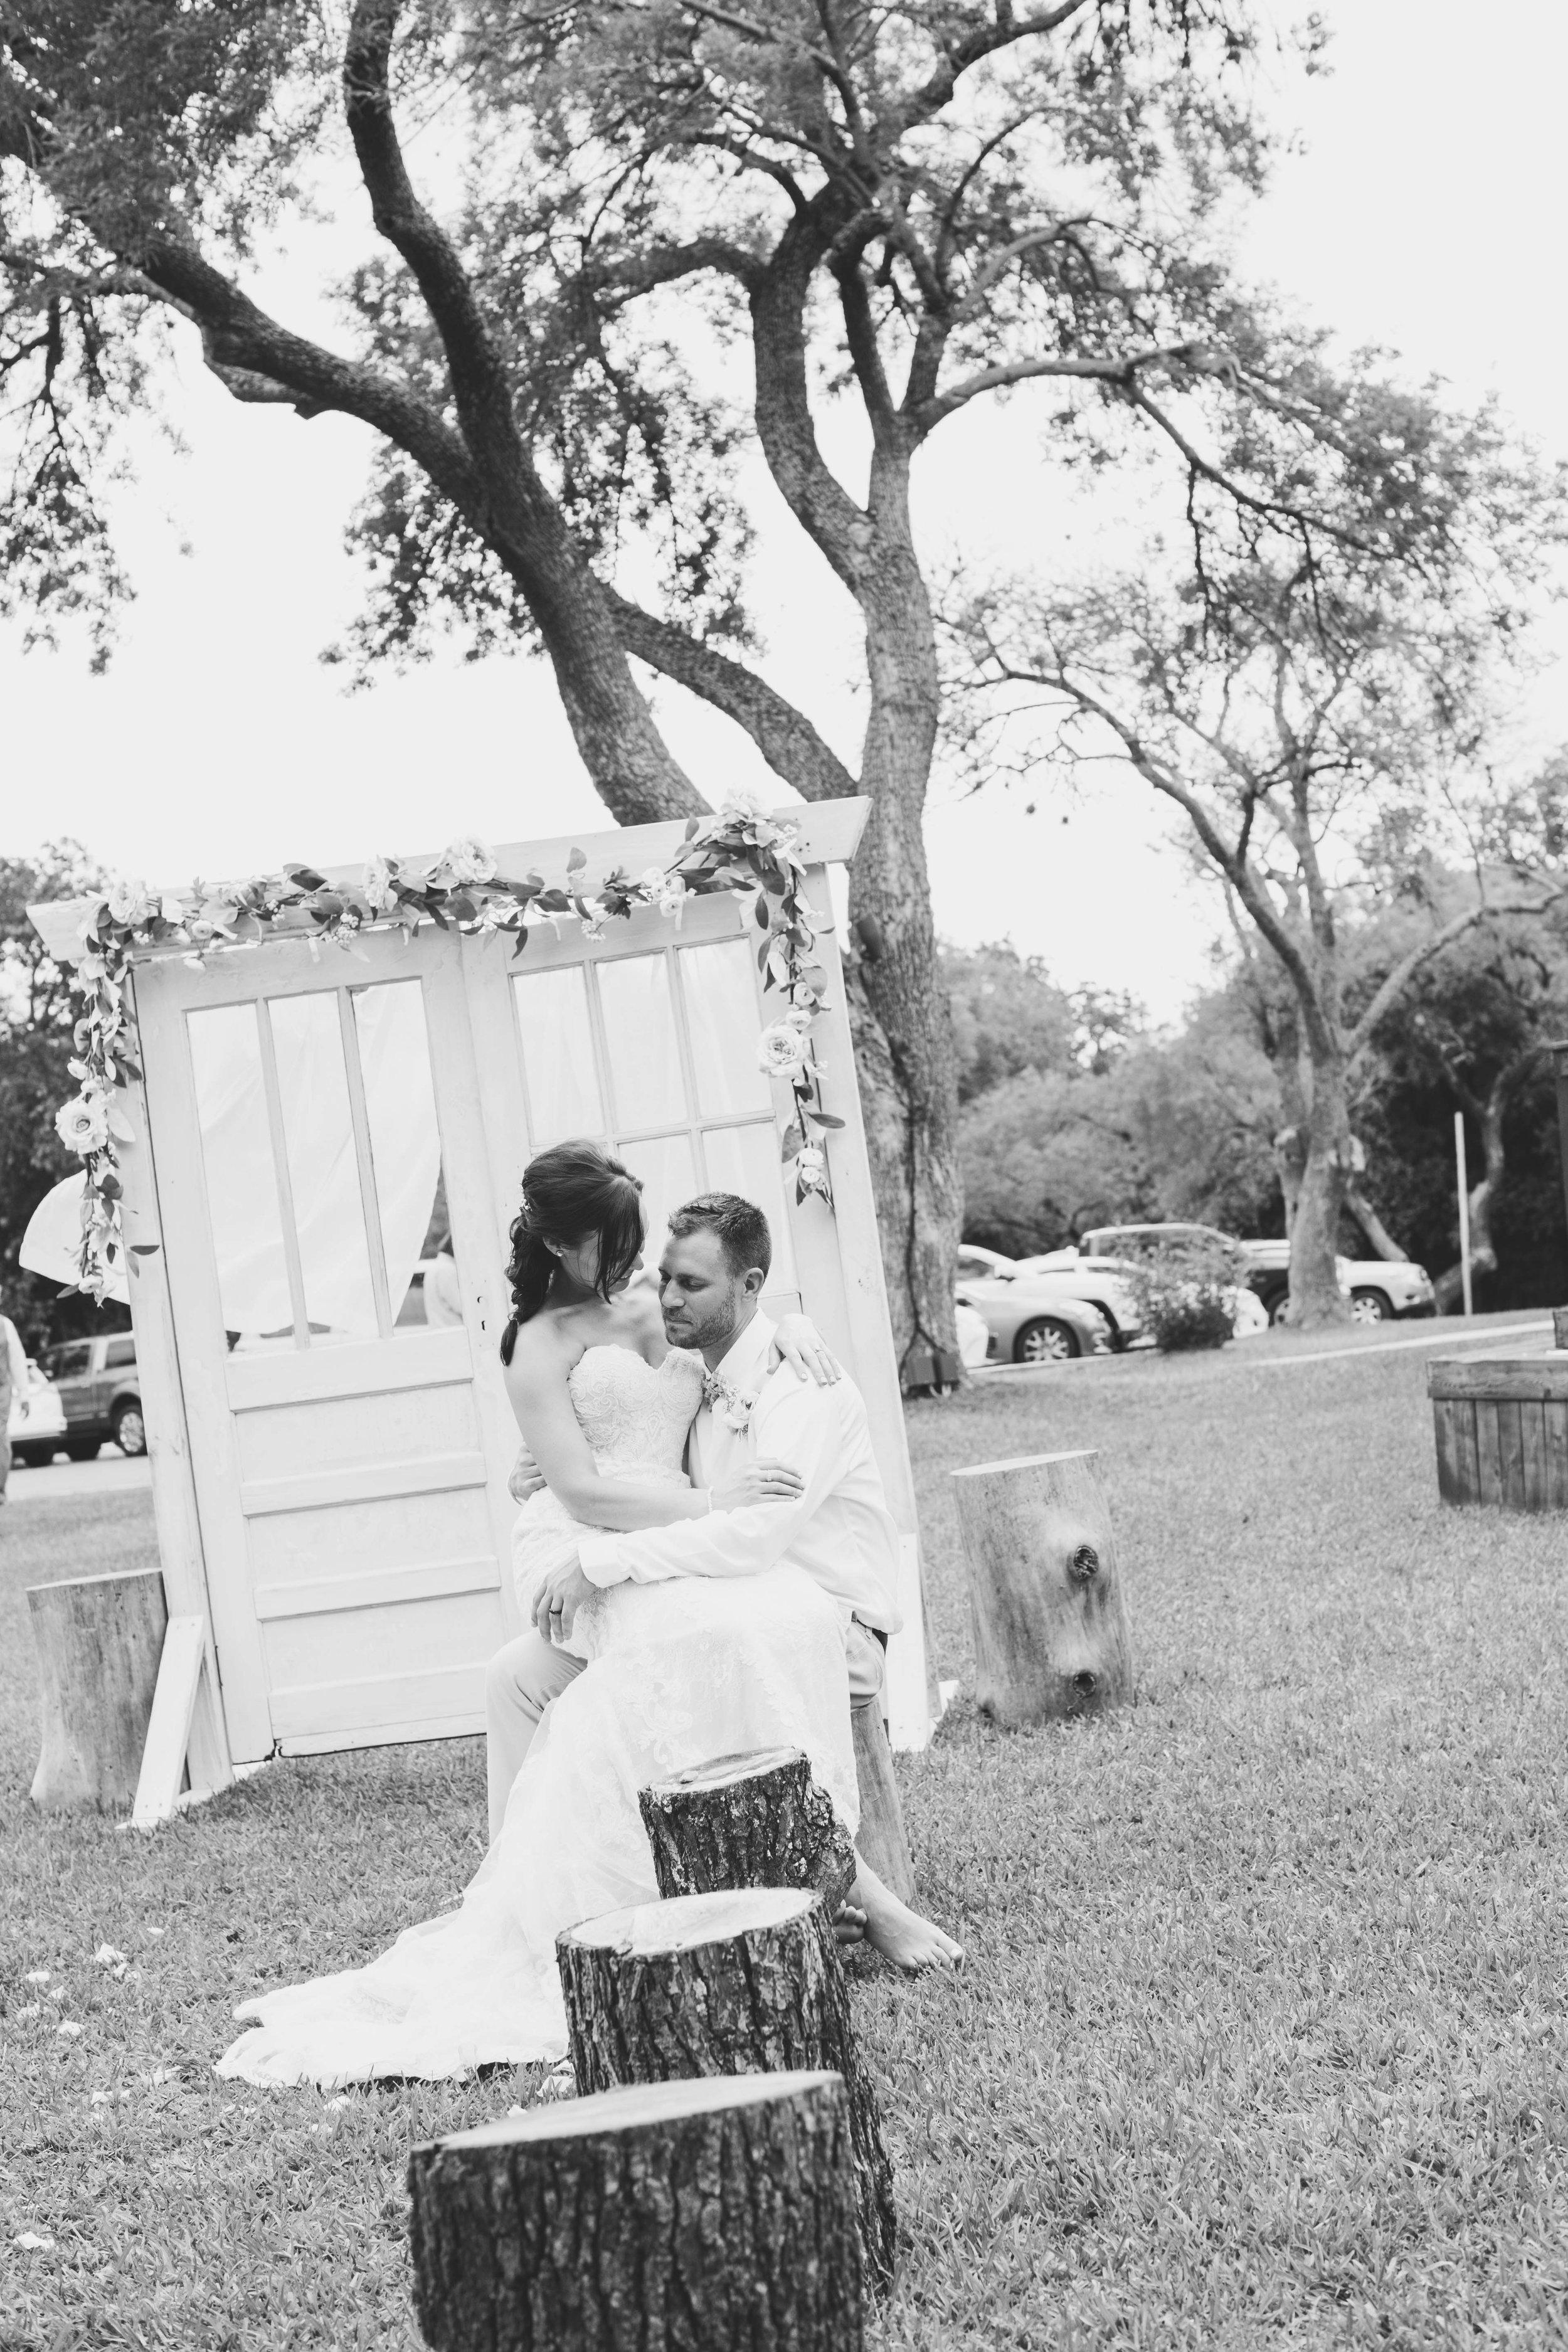 ATGI_Susanna & Matt Wedding_717A8758.jpg